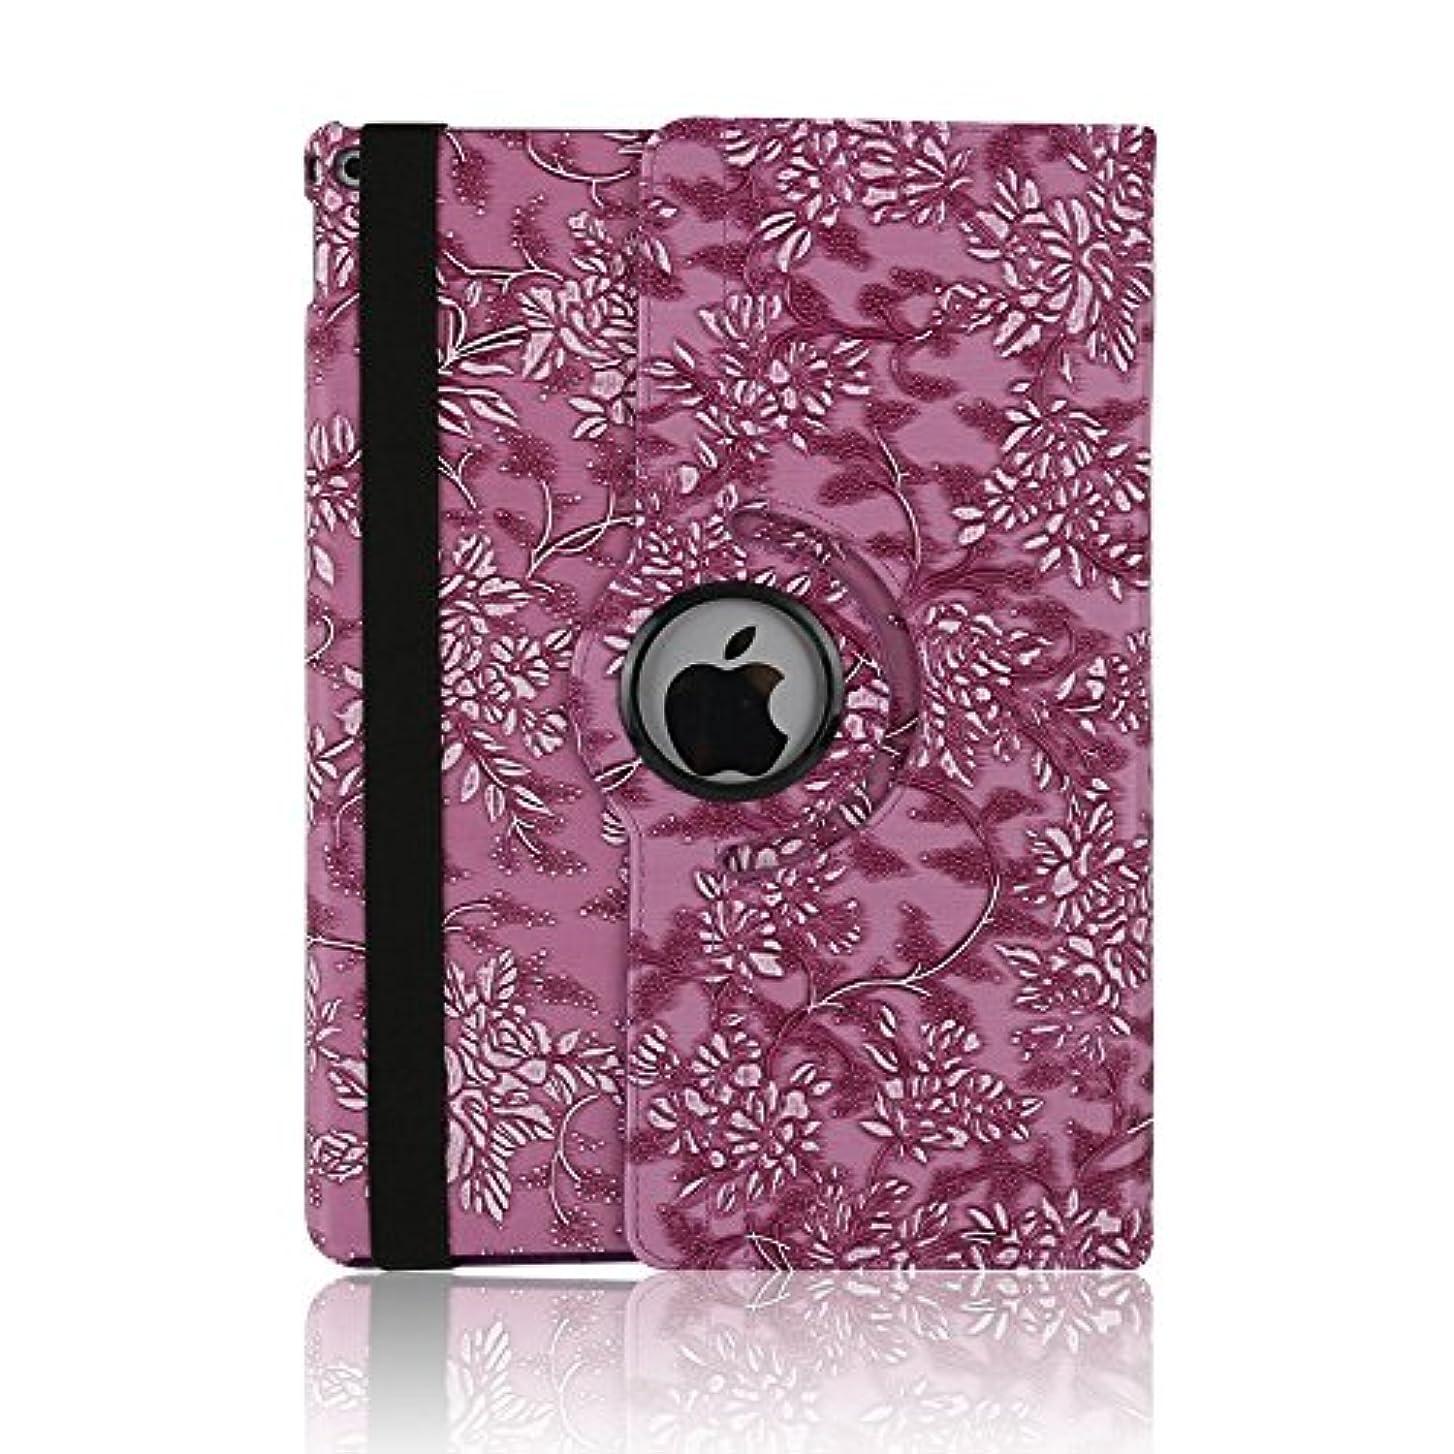 深める絶縁する提供するケース ipad 手帳型、SIMPLE DO 360度回転式 スタンド機能 三つ折り 軽量 持ち運び便利 耐衝撃 レディース 女子 人気 おしゃれ 通勤 iPad Air 2 9.7インチ対応(パープル)